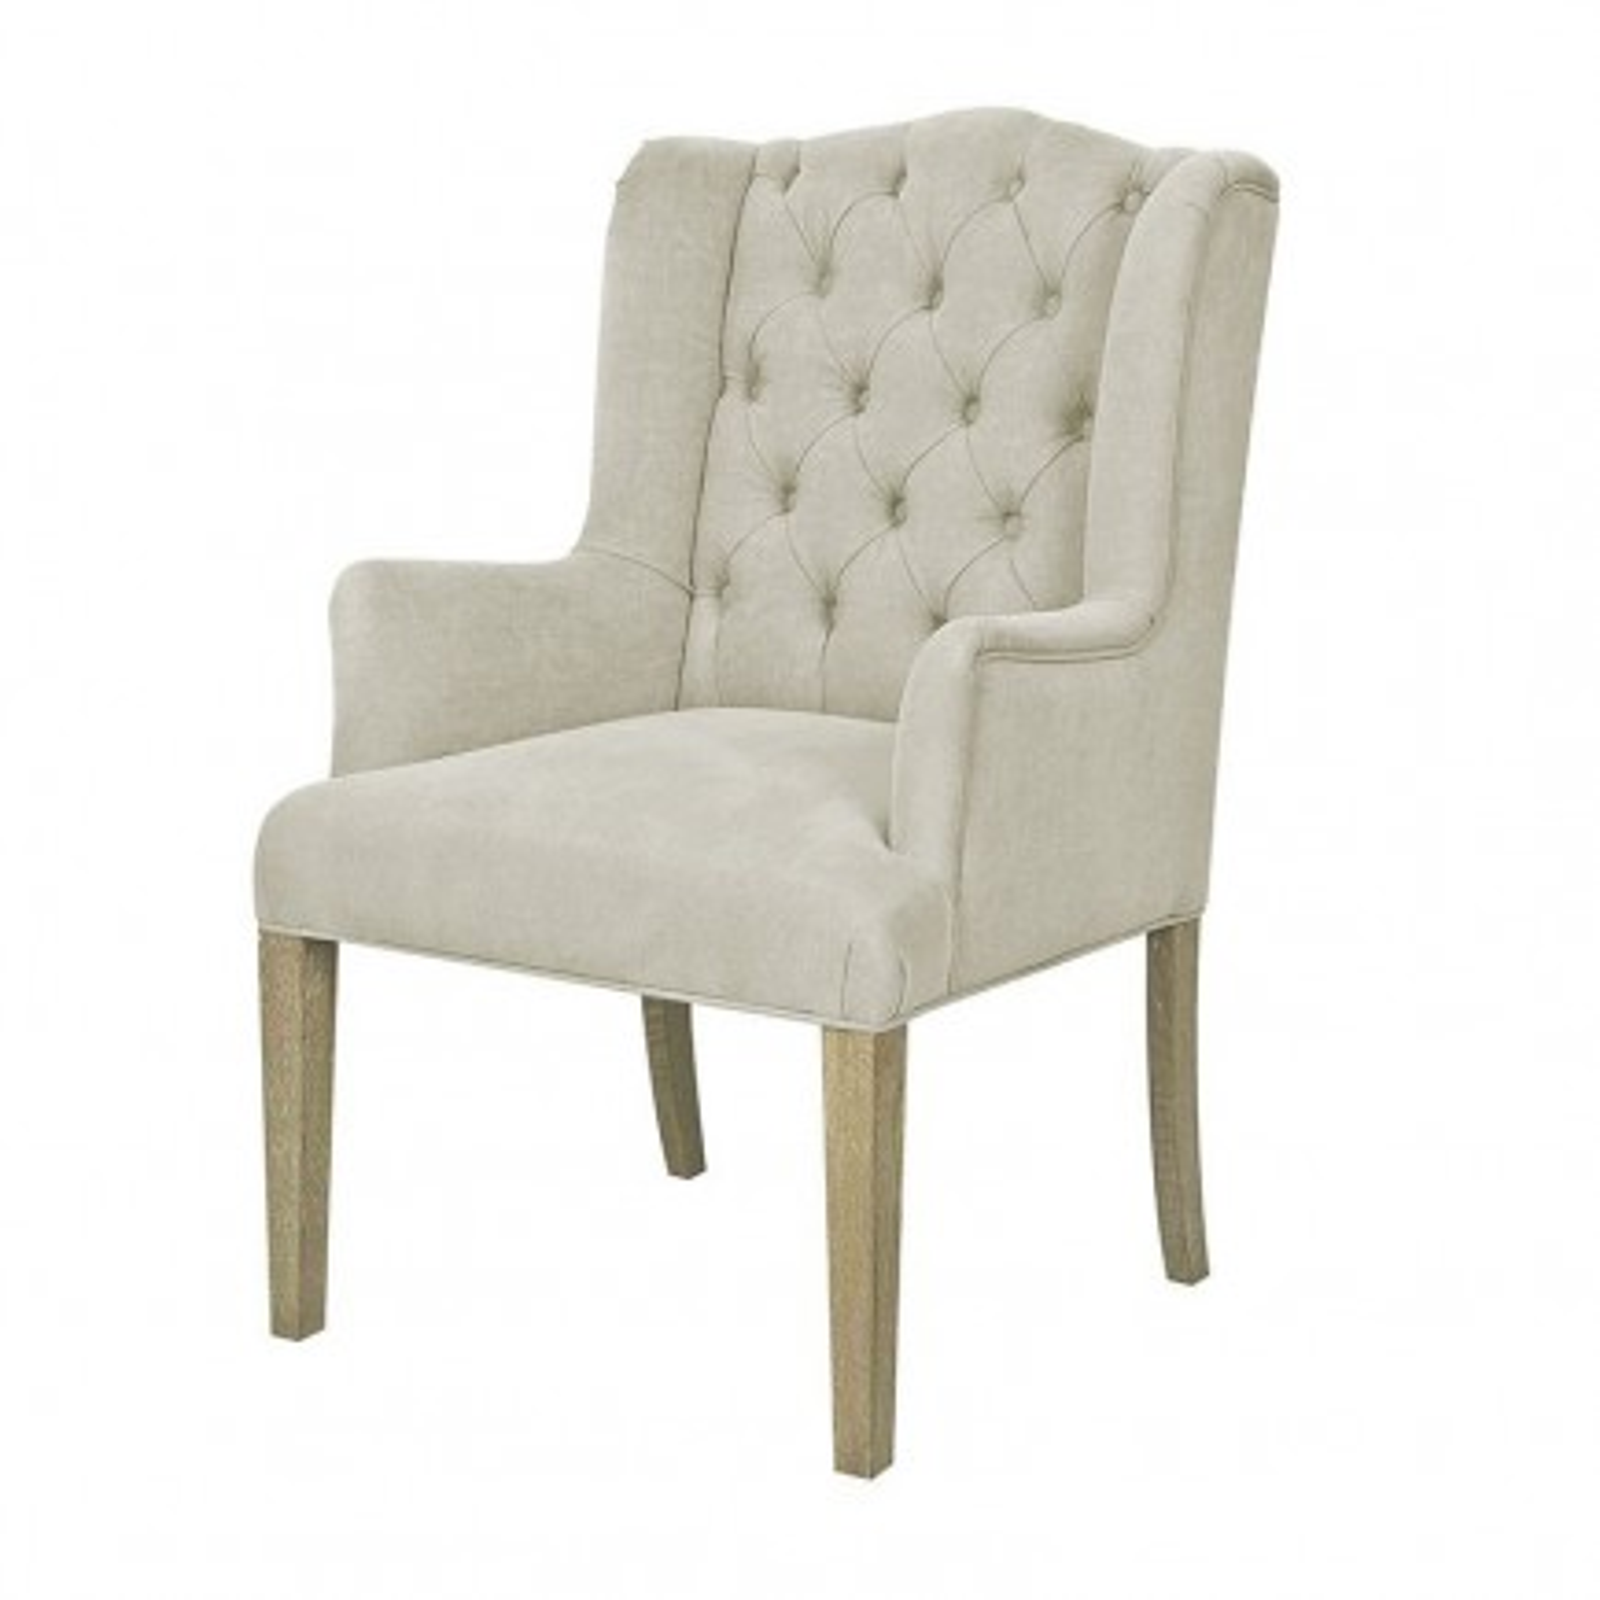 Chaise accoudoirs Beau Tissu - Achat chaise classique